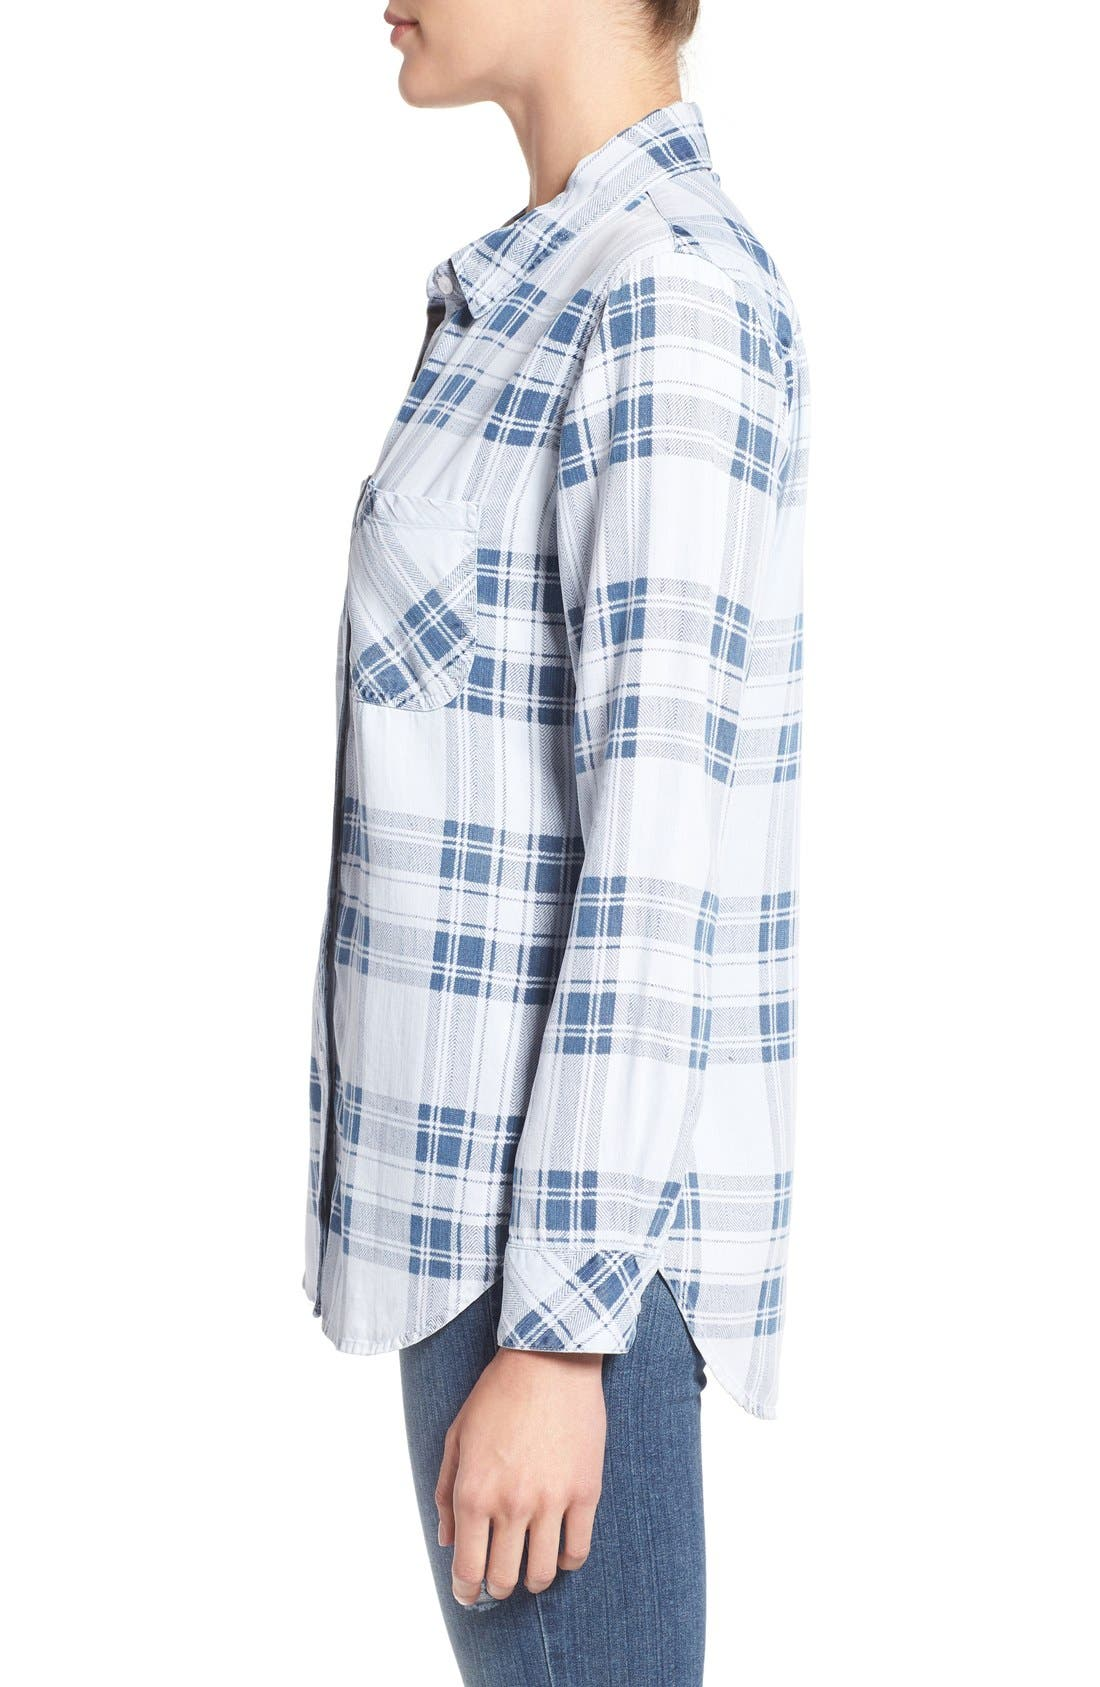 Carter Plaid Shirt,                             Alternate thumbnail 3, color,                             Pigment Plaid